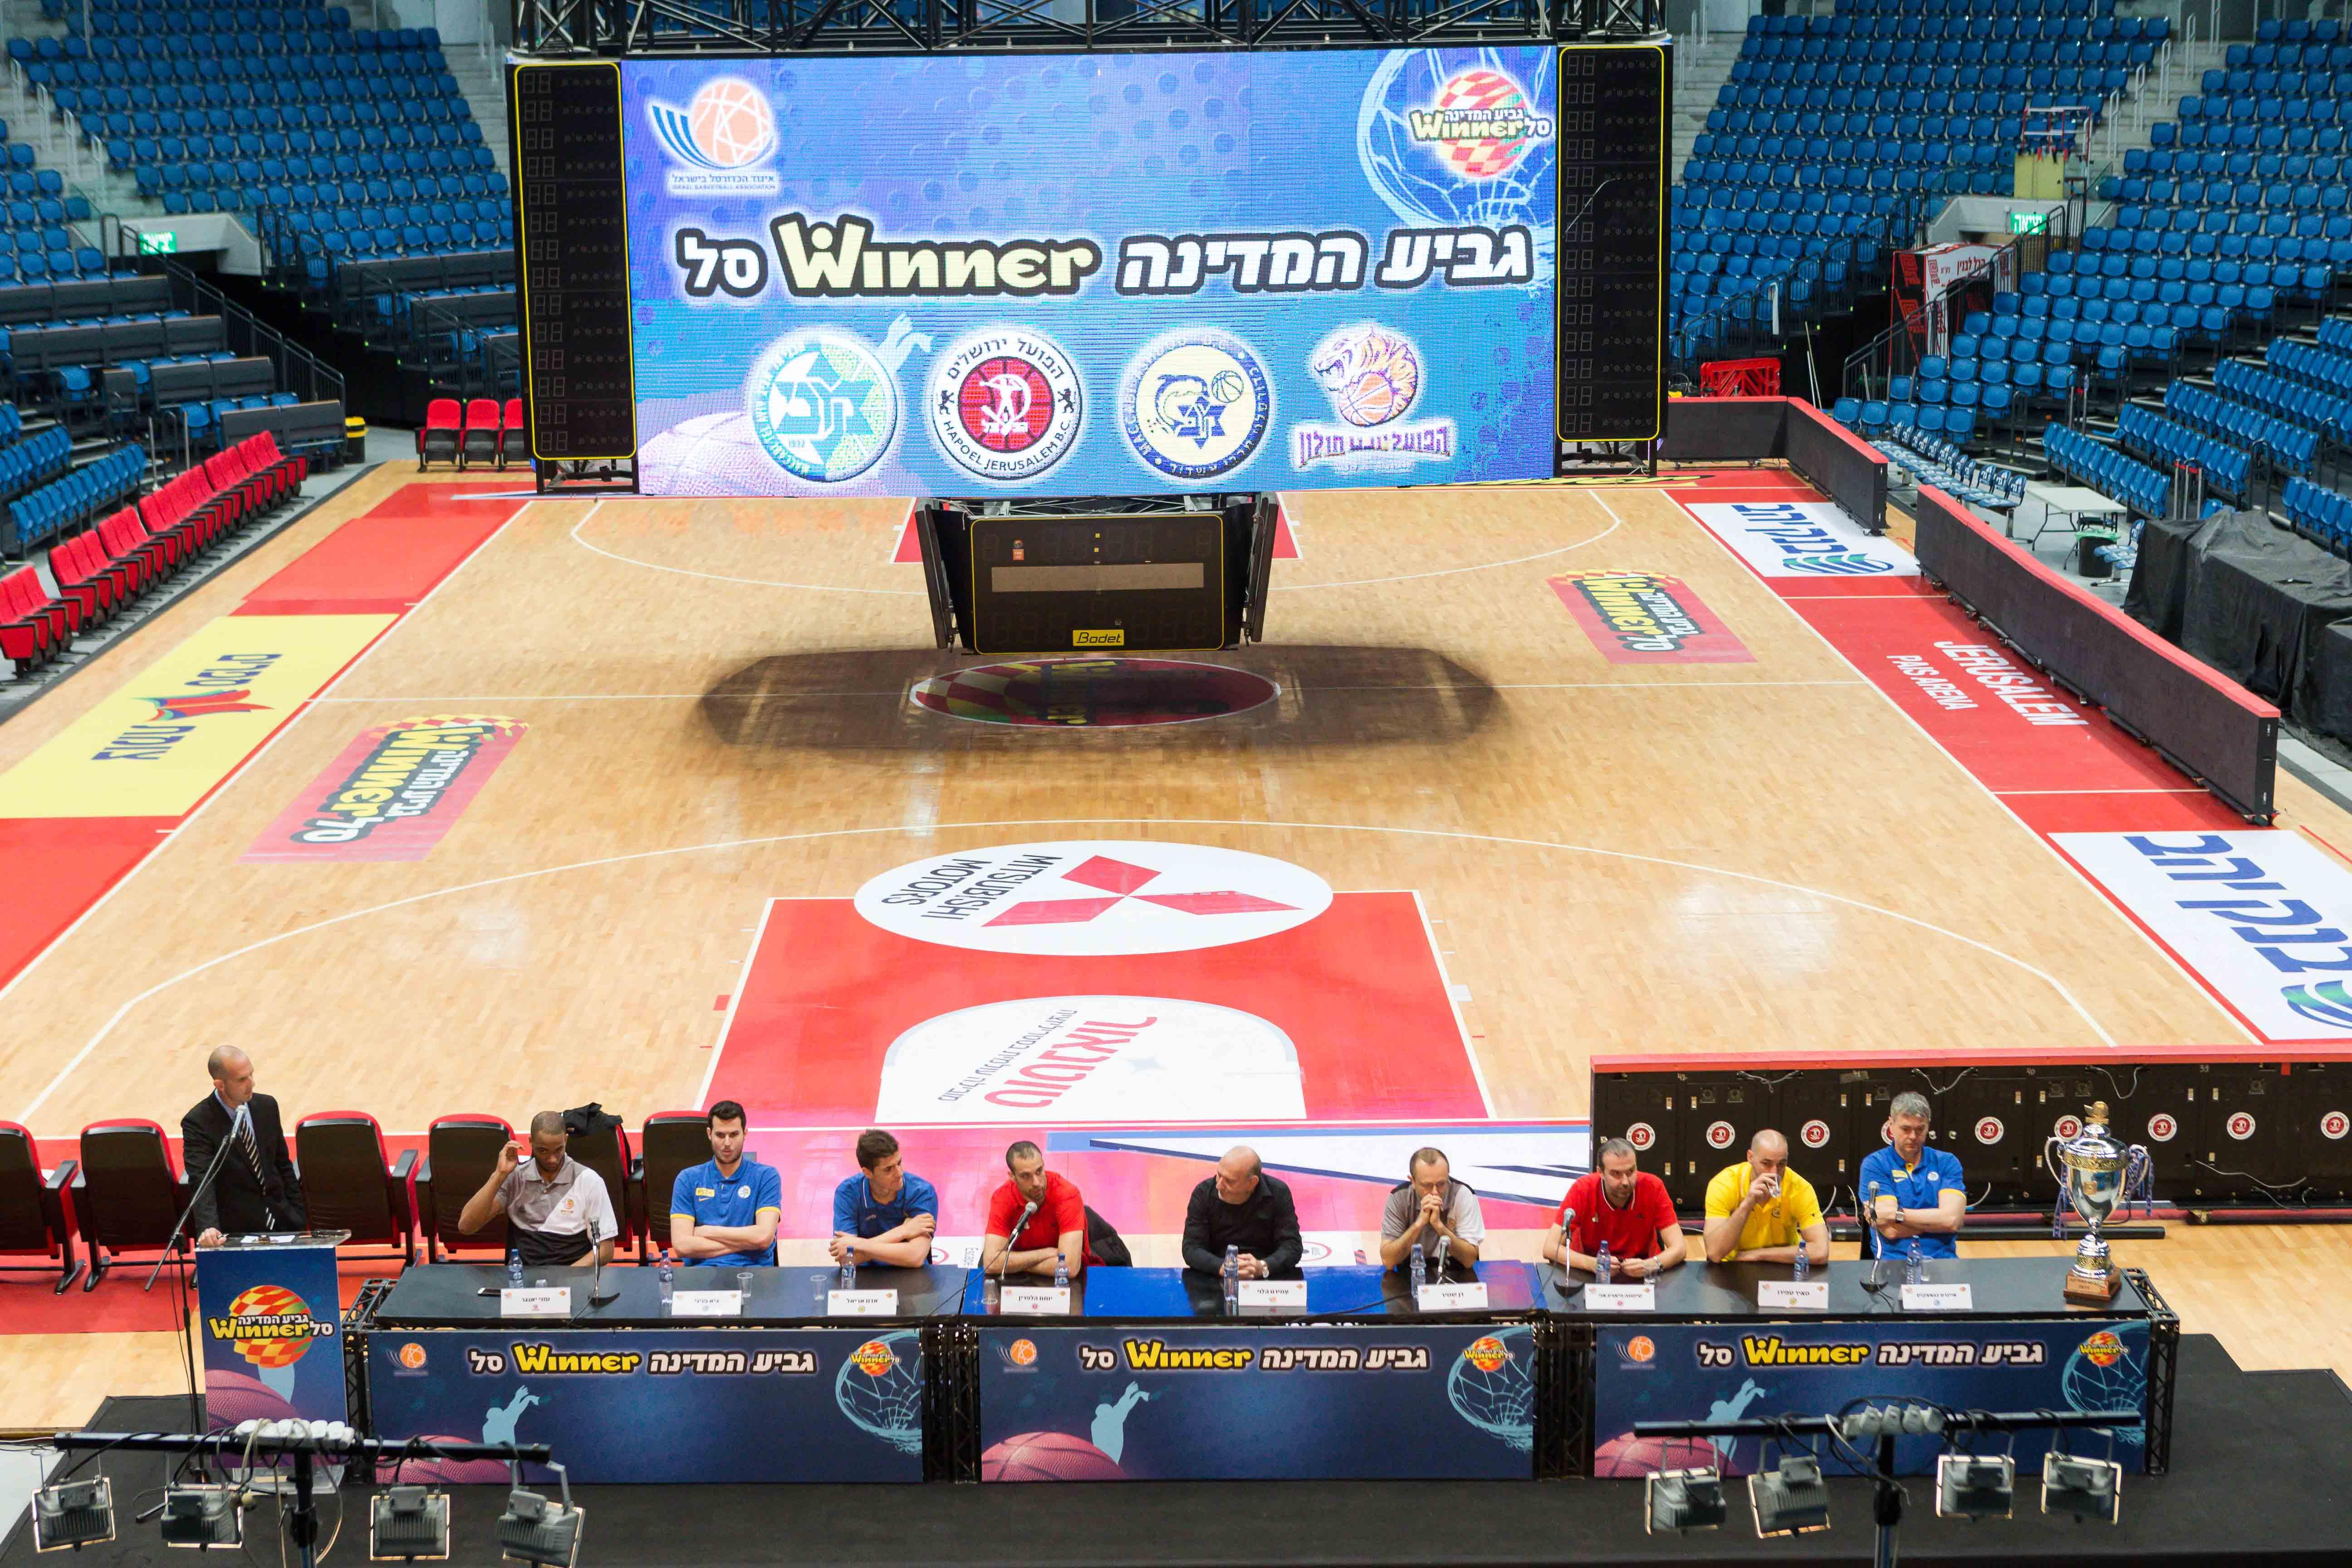 ביום רביעי הגרלת הסיבוב הראשון בגביע לגברים ונשים. באר שבע ומכבי חיפה עלו אוטומטית